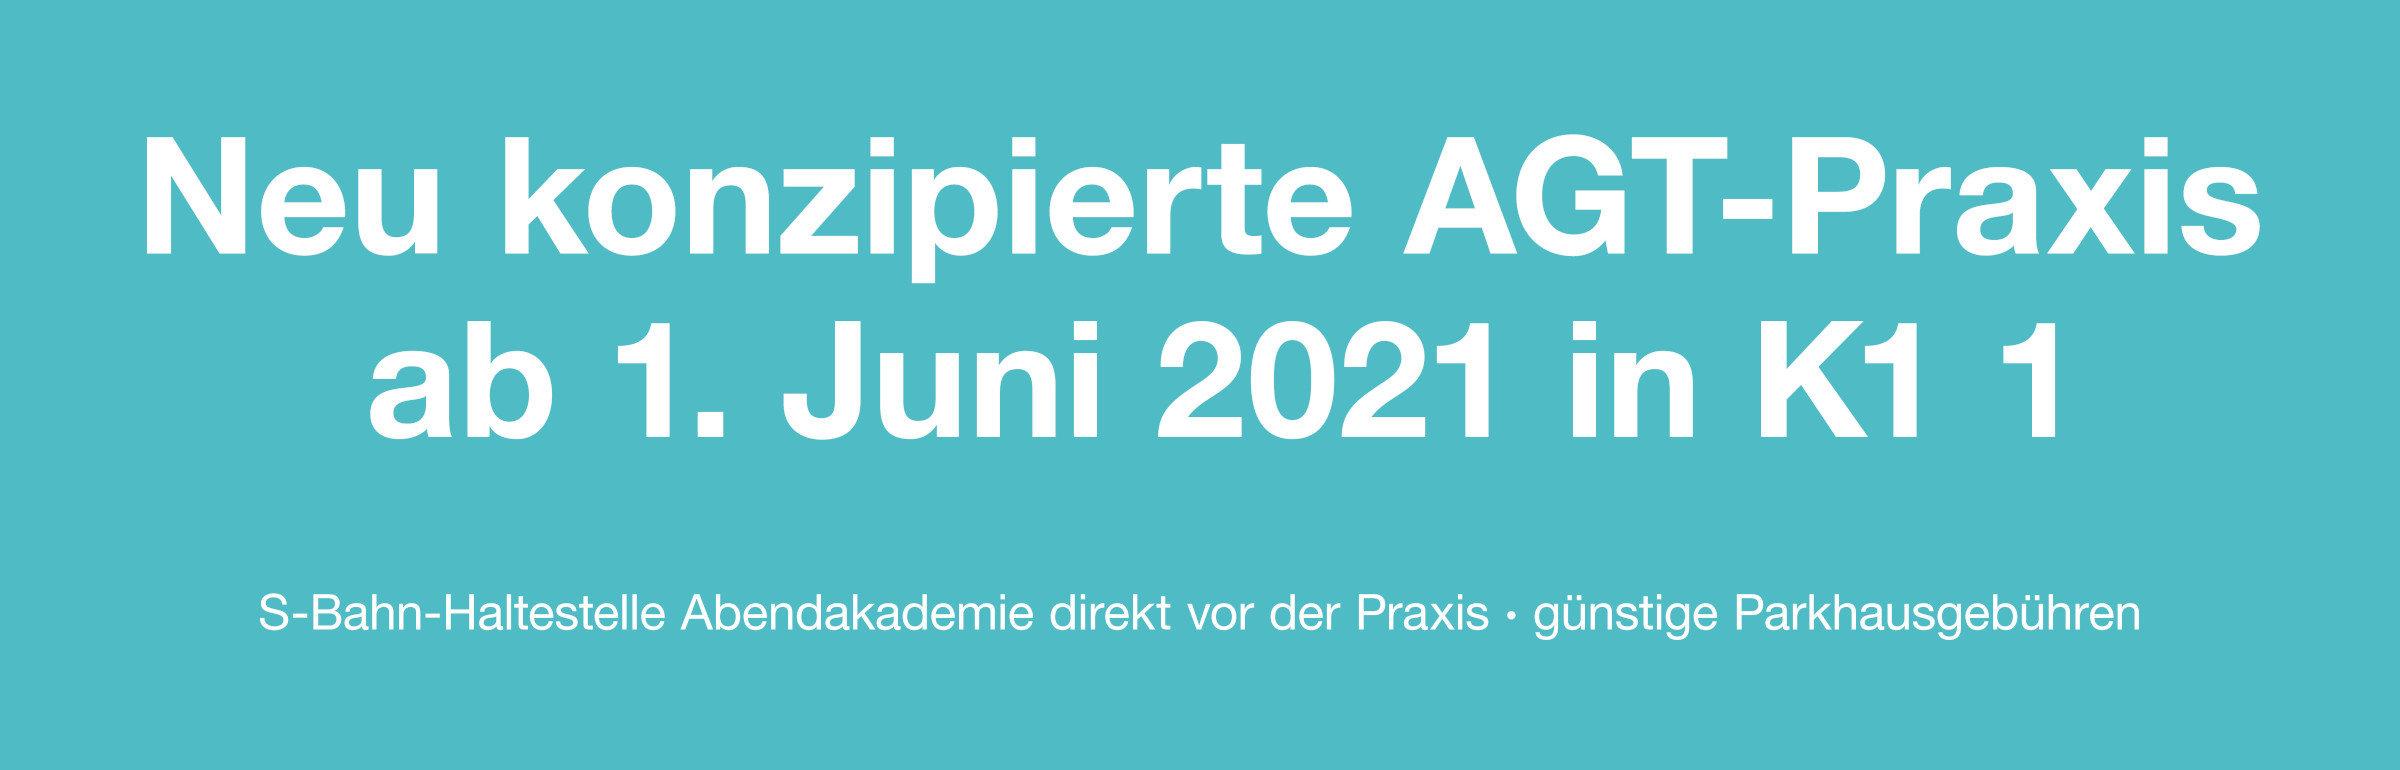 Wir sind umgezogen! Erleben Sie unsere neu konzipierte AGT-Praxis Mannheim ab 1. Juni 2021 im Karree-Mannheim in K1 1 - S-Bahn-Haltestelle Abendakademie direkt vor der Praxis - günstige Parkhausgebühren - behindertengerechter Zugang